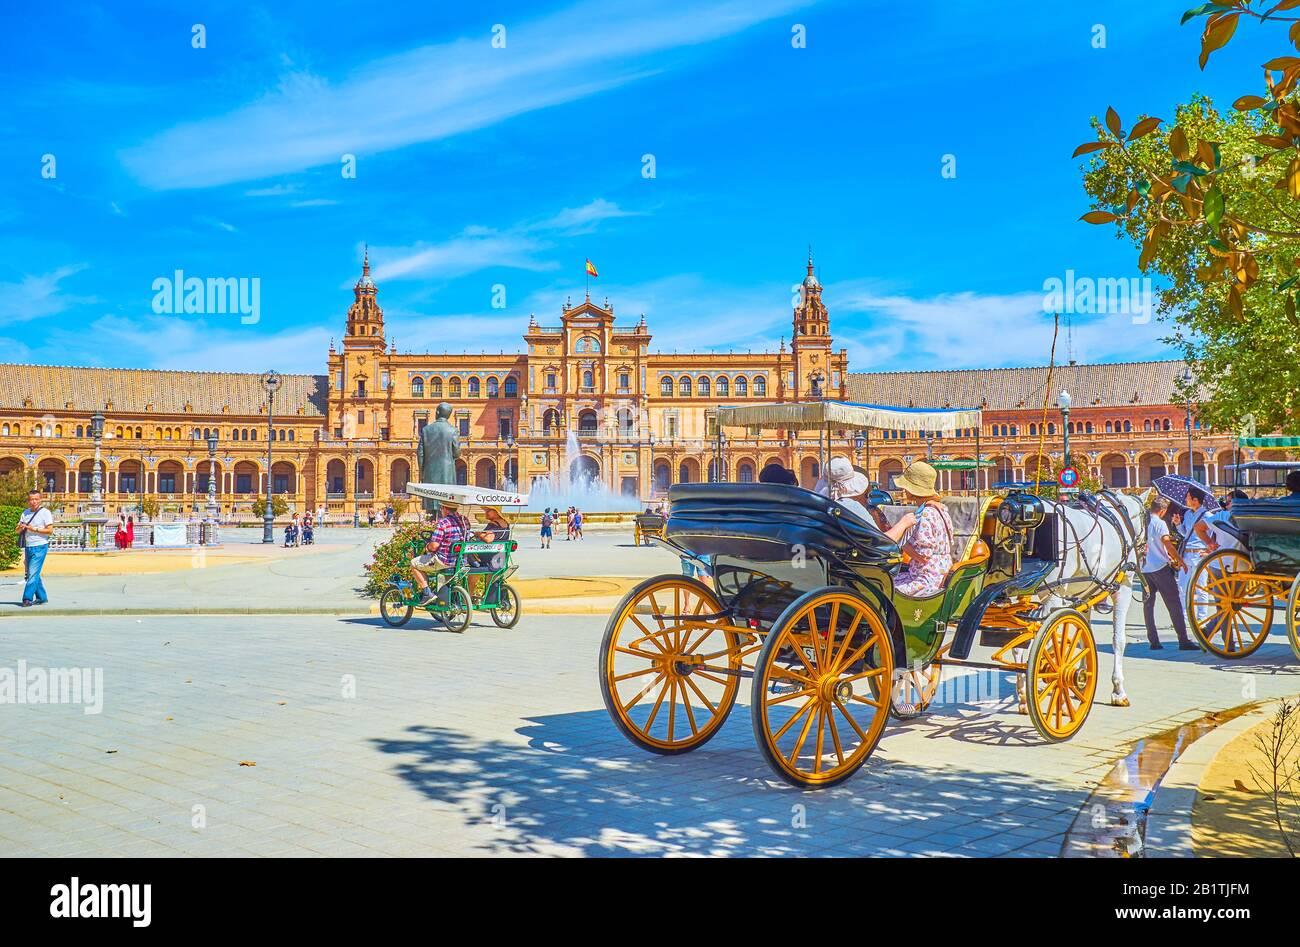 Sevilla, ESPAÑA - 1 DE OCTUBRE de 2019: La línea de carruajes turísticos tirados por caballos a la sombra de los árboles del parque de María Luisa con vistas a la Plaza de España, Foto de stock